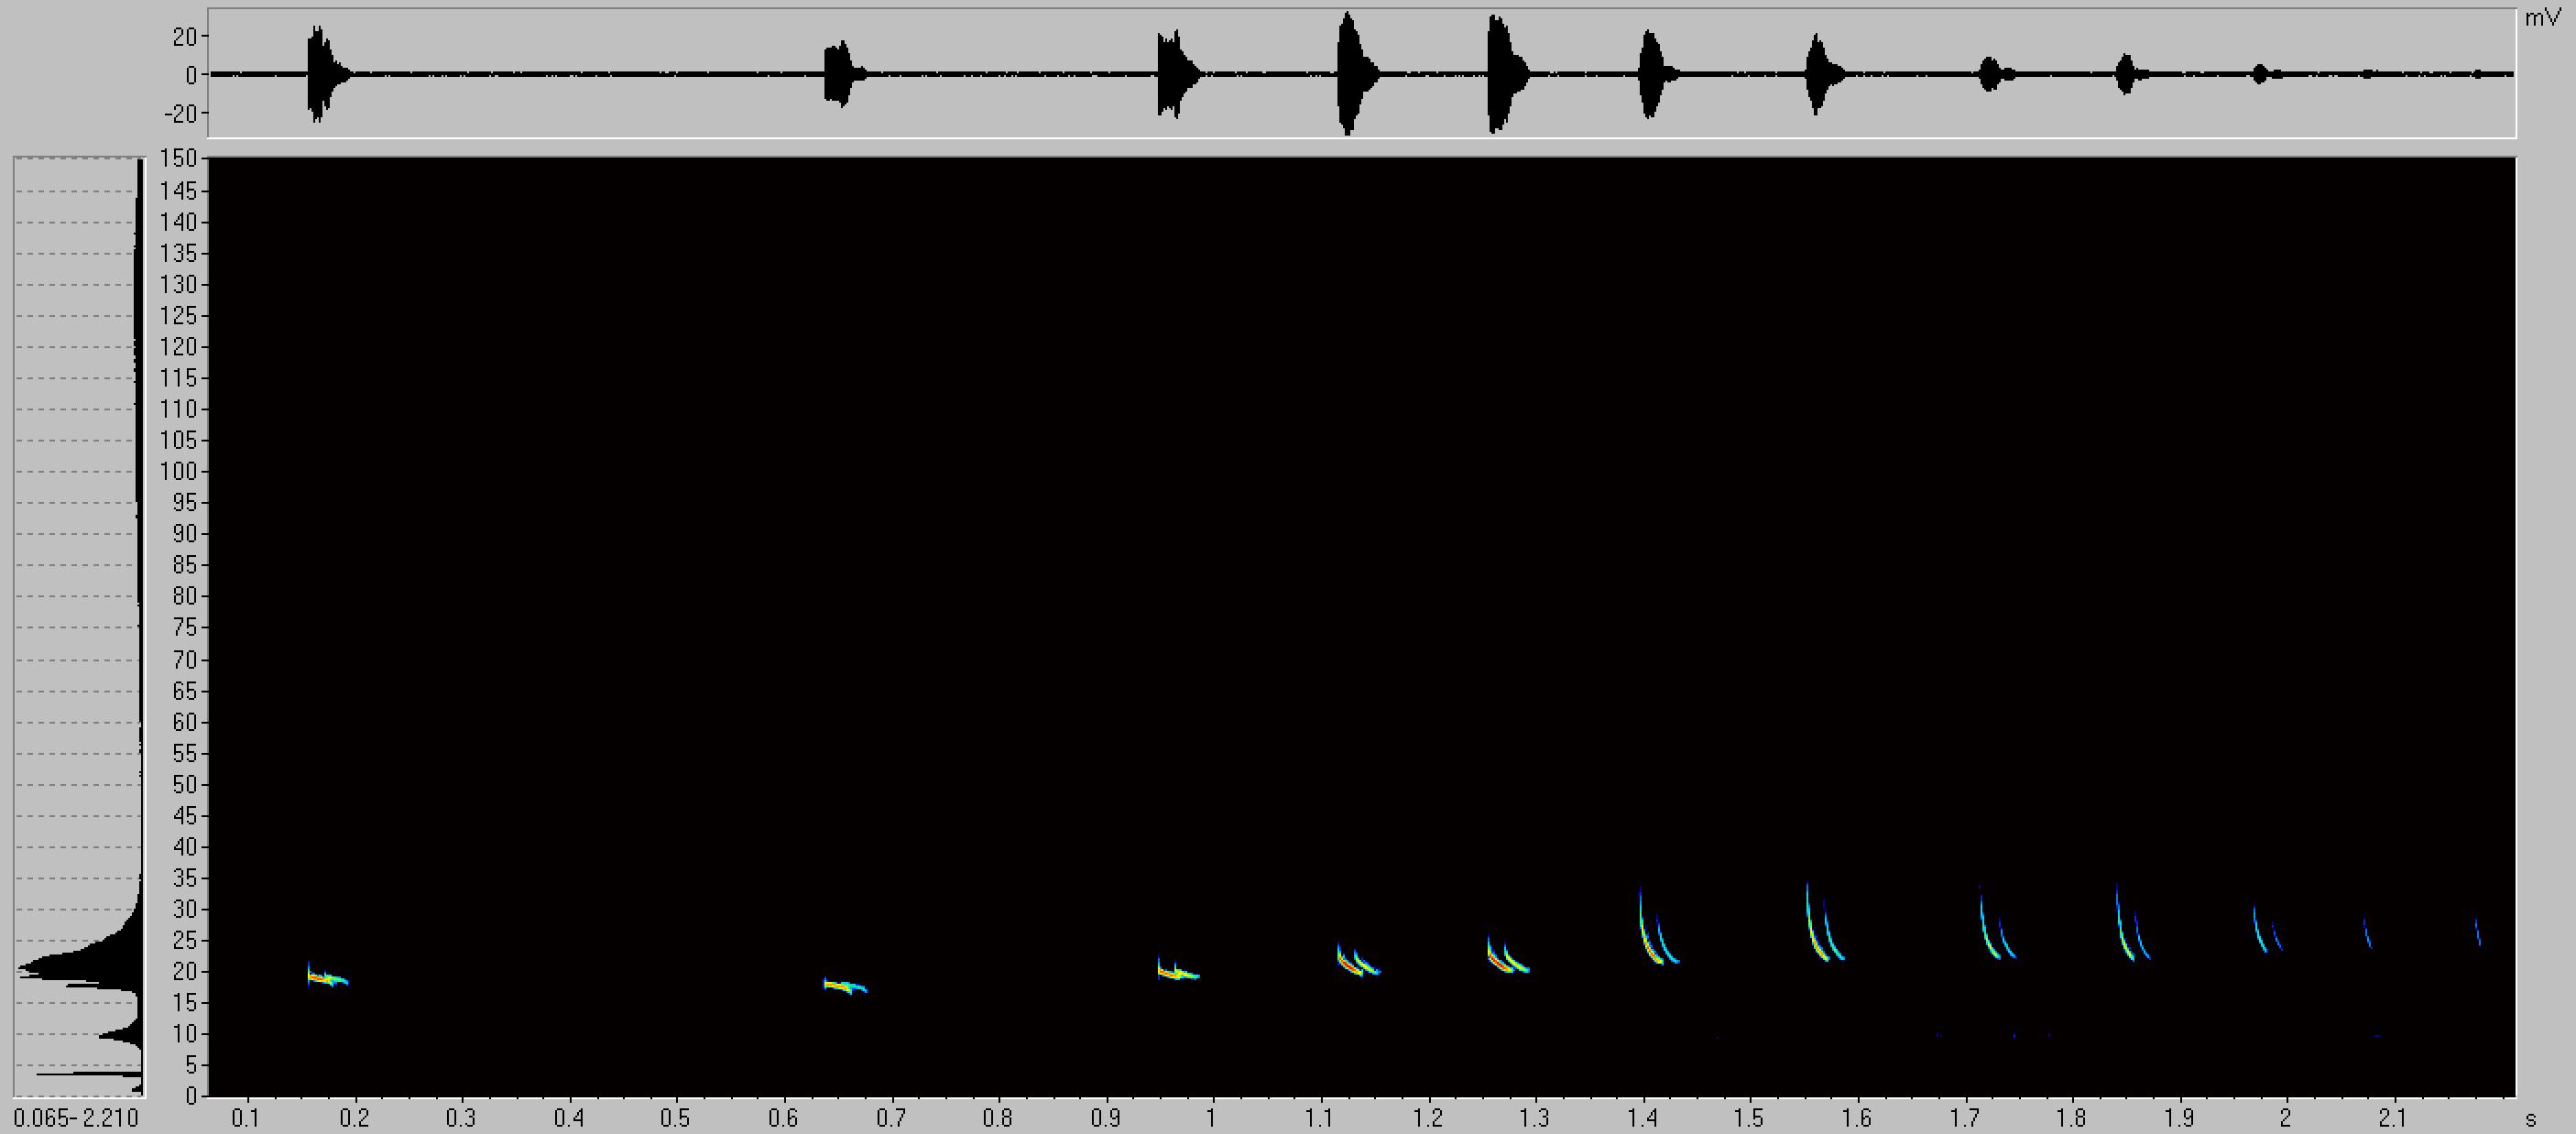 Abb 8: Typische Rufsequenz eines Abendseglers